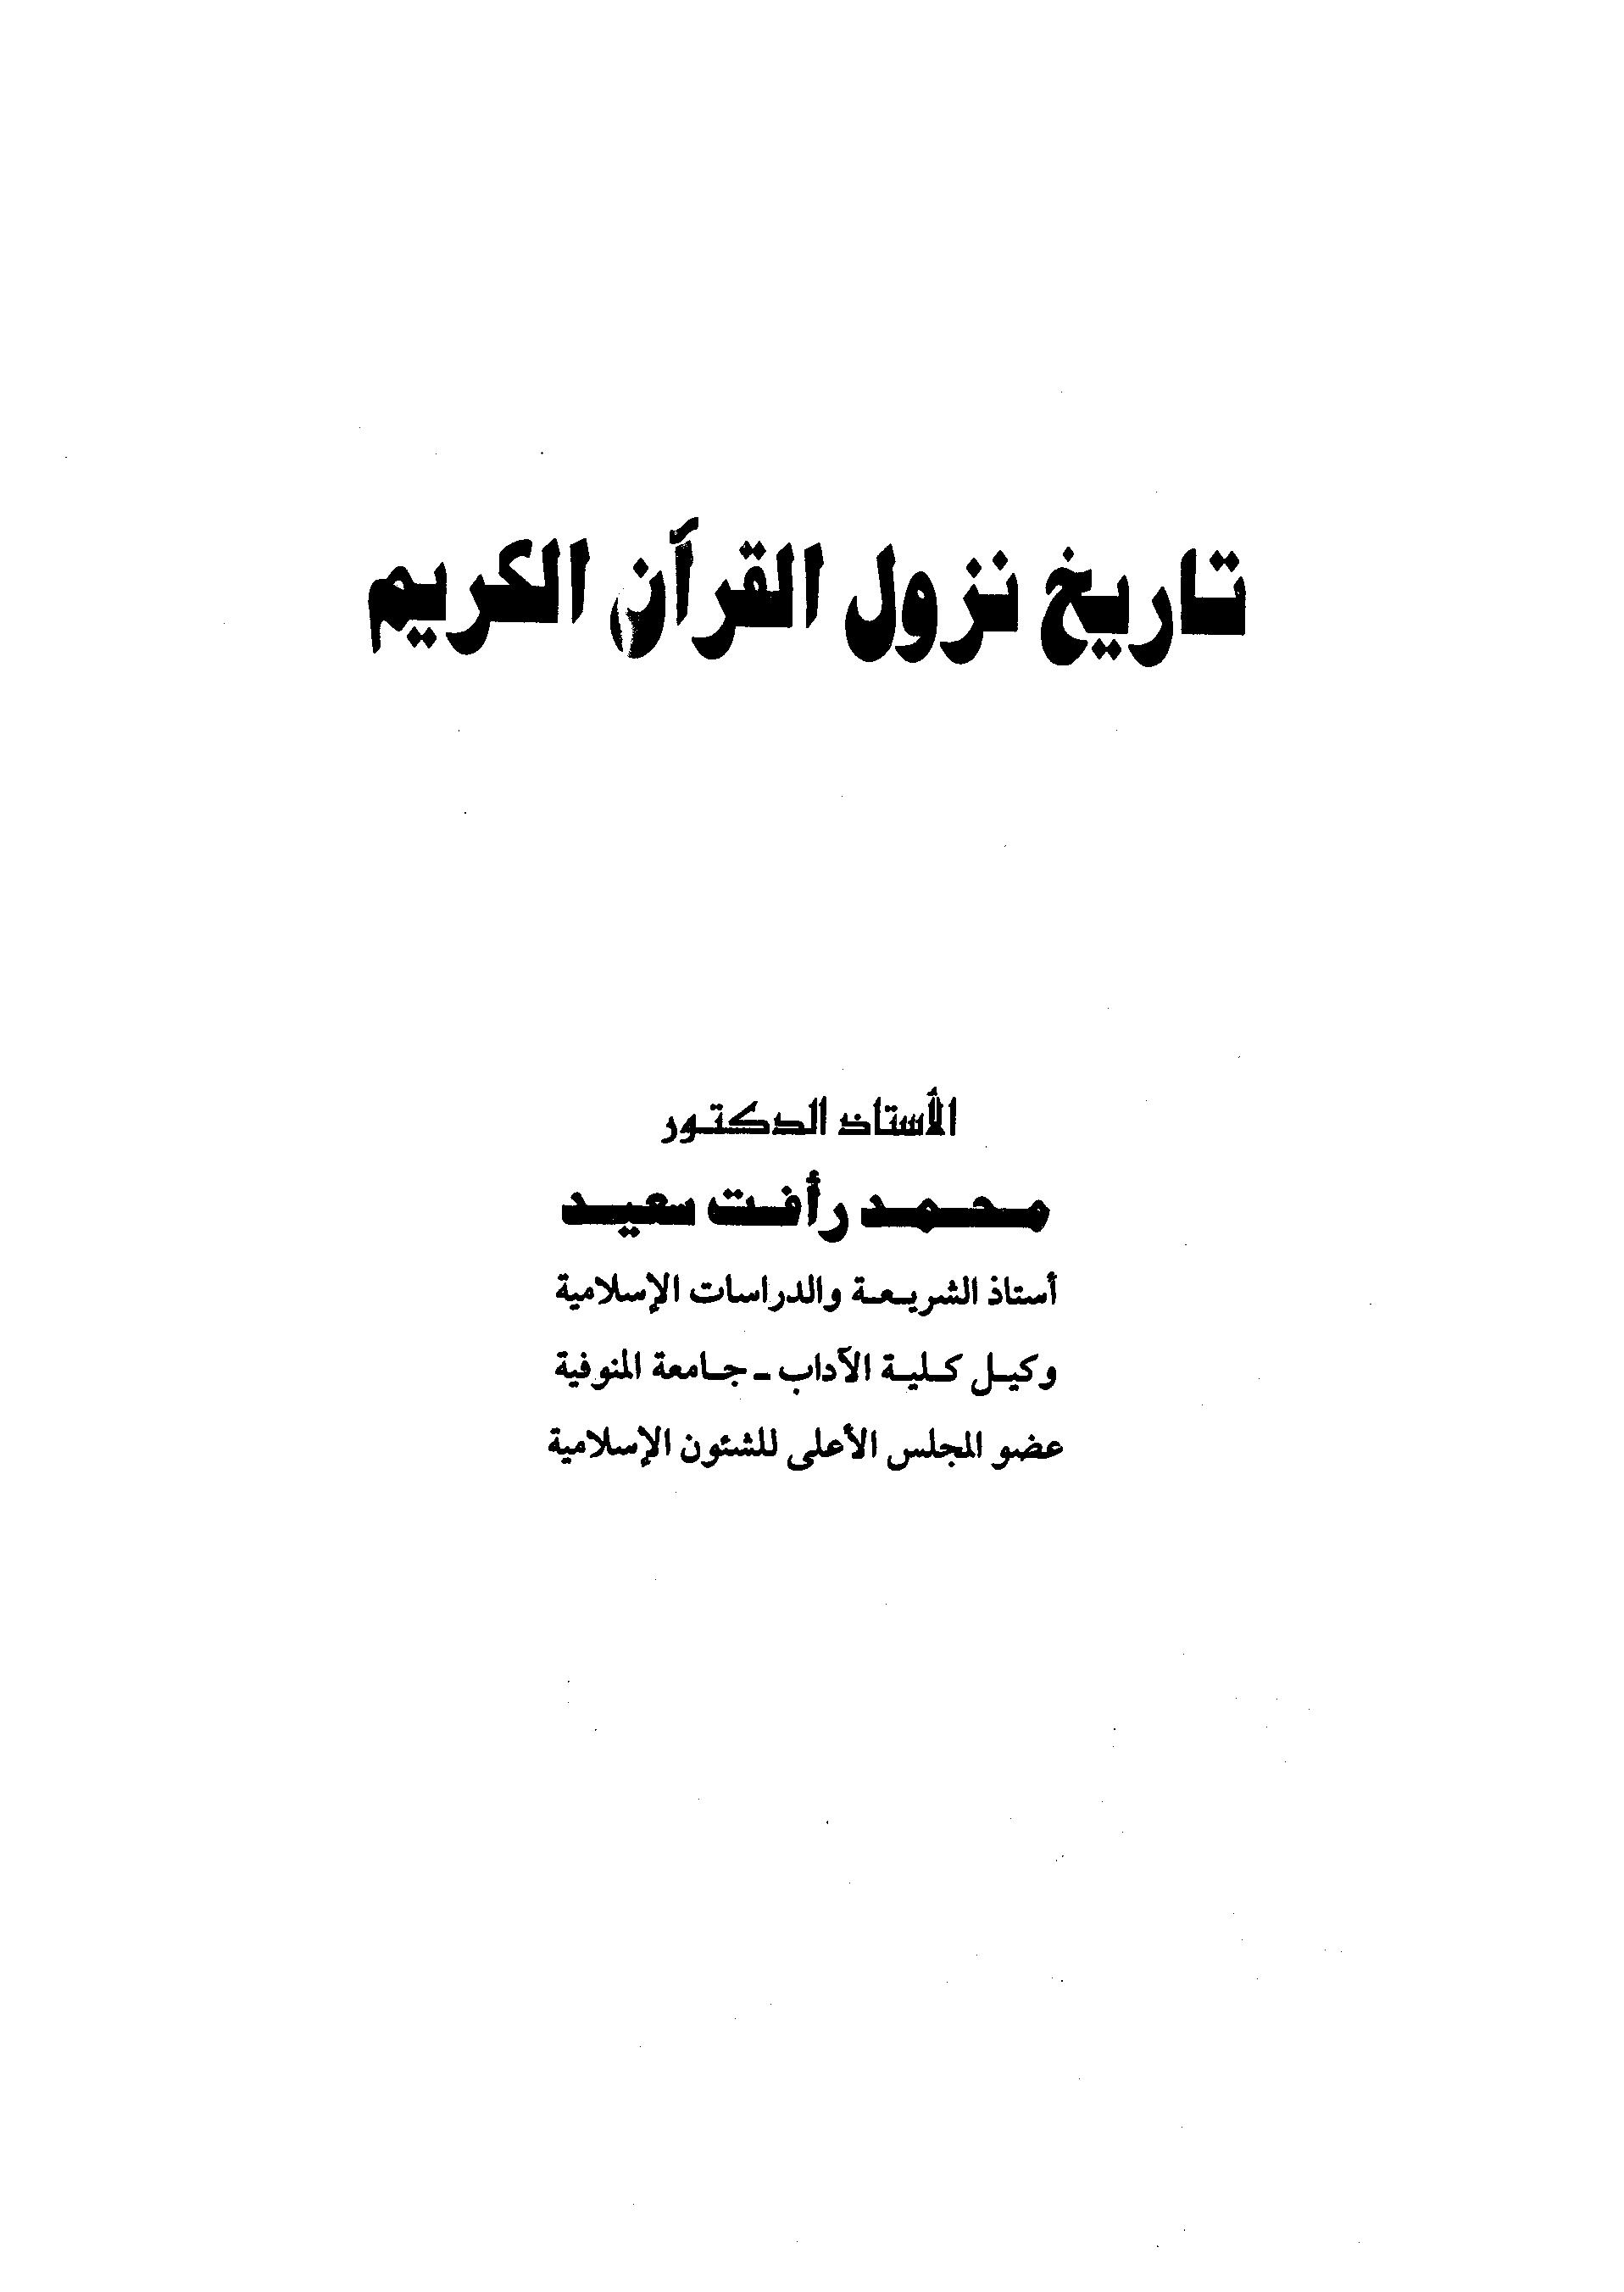 تحميل كتاب تاريخ نزول القرآن الكريم لـِ: الدكتور محمد رأفت سعيد (ت 1425)